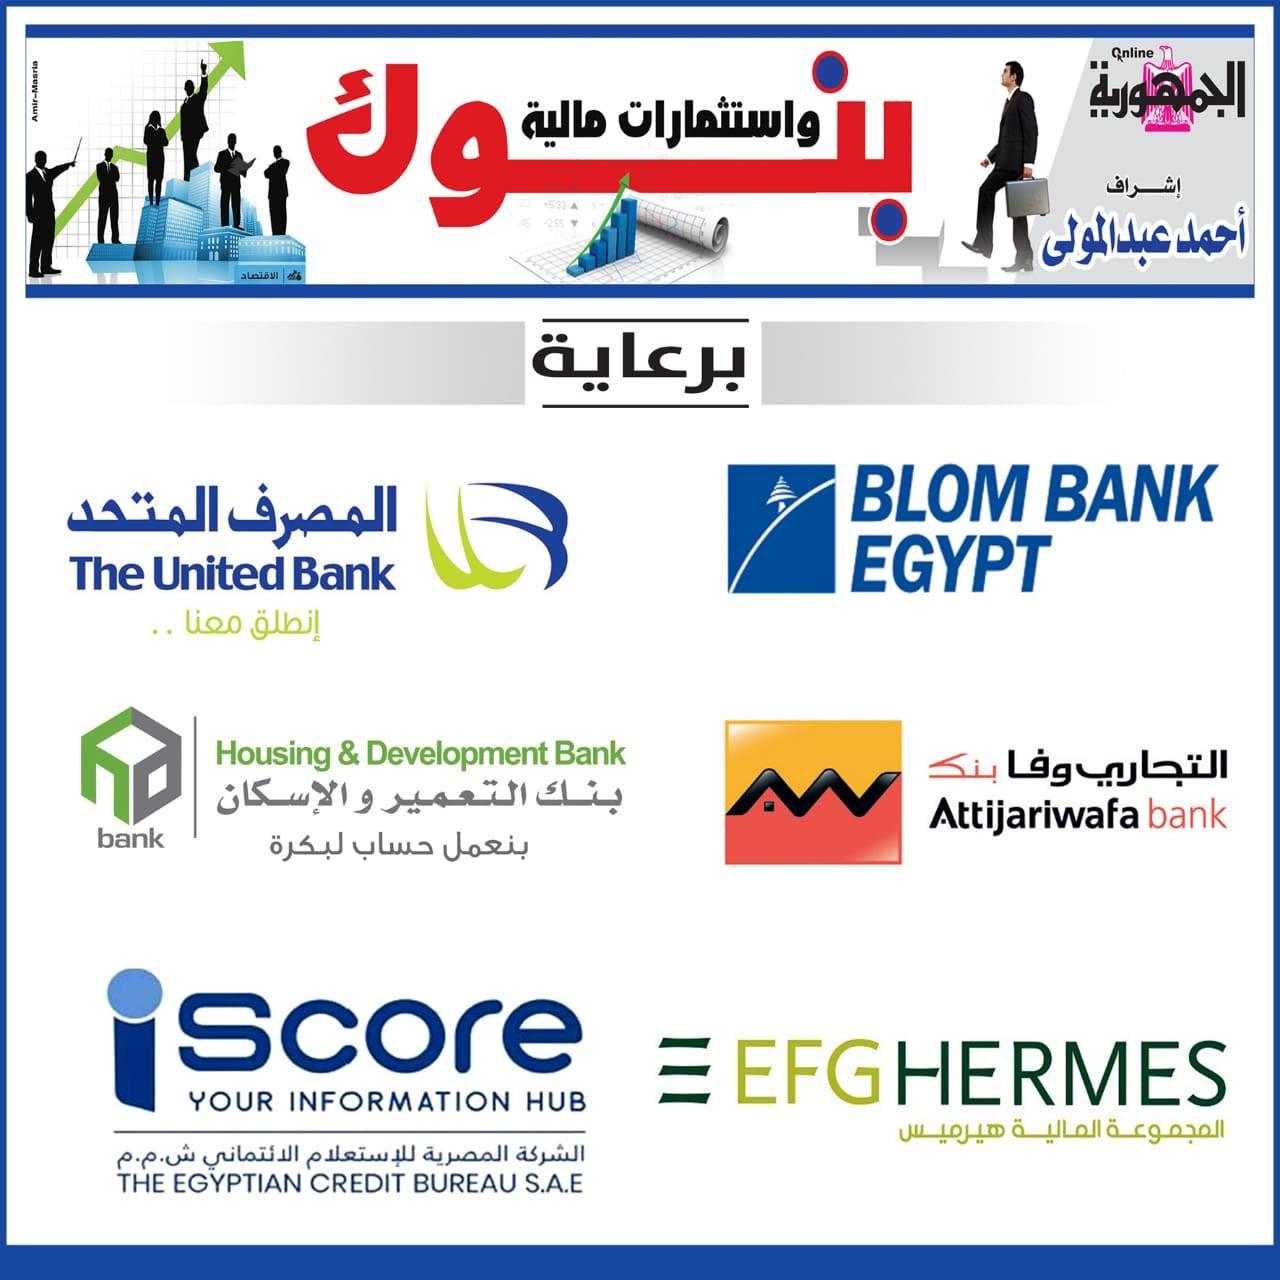 بنوك ومؤسسات مالية